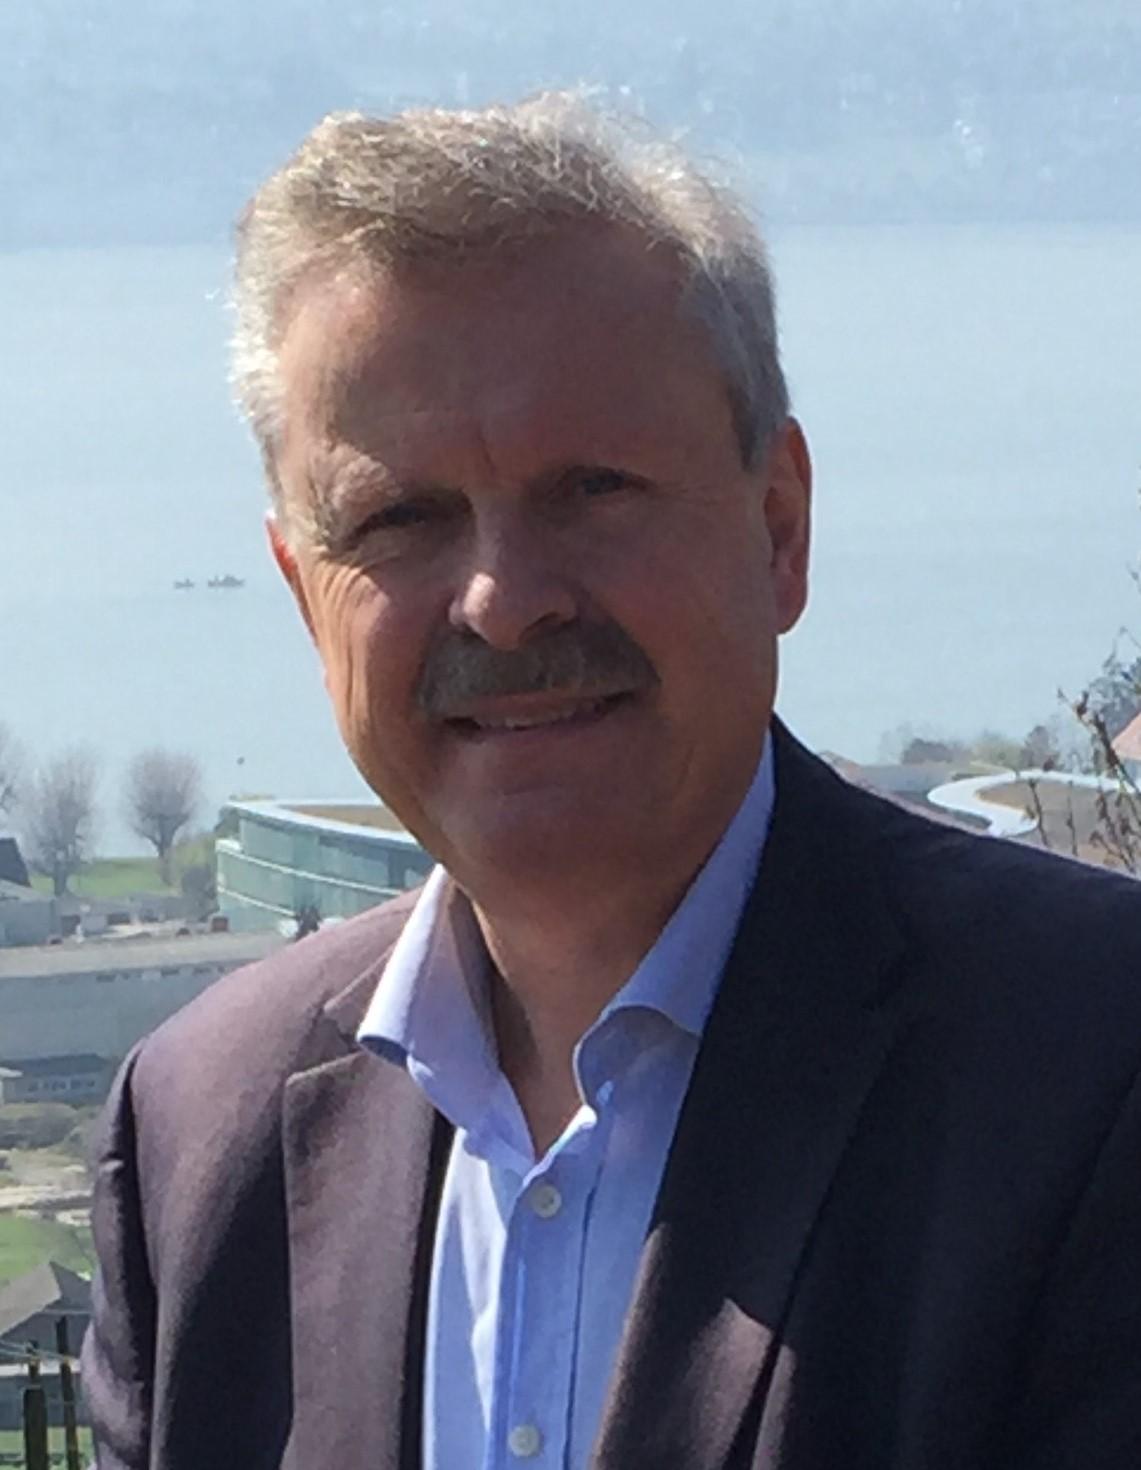 Jesper Bulskov